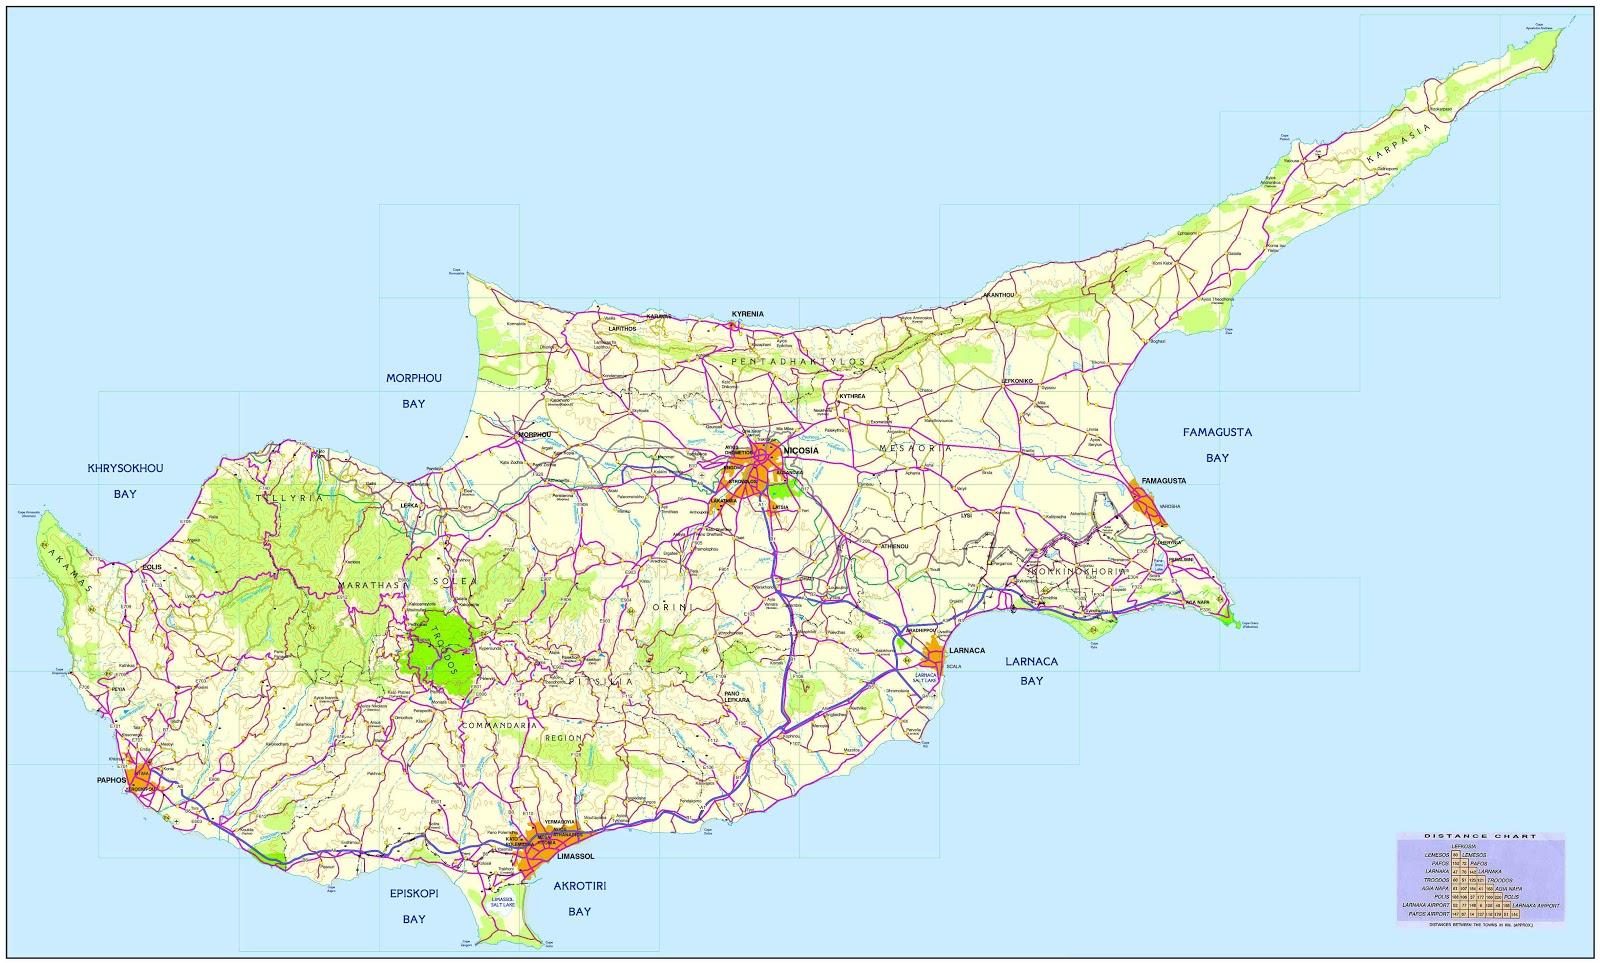 klima cypern